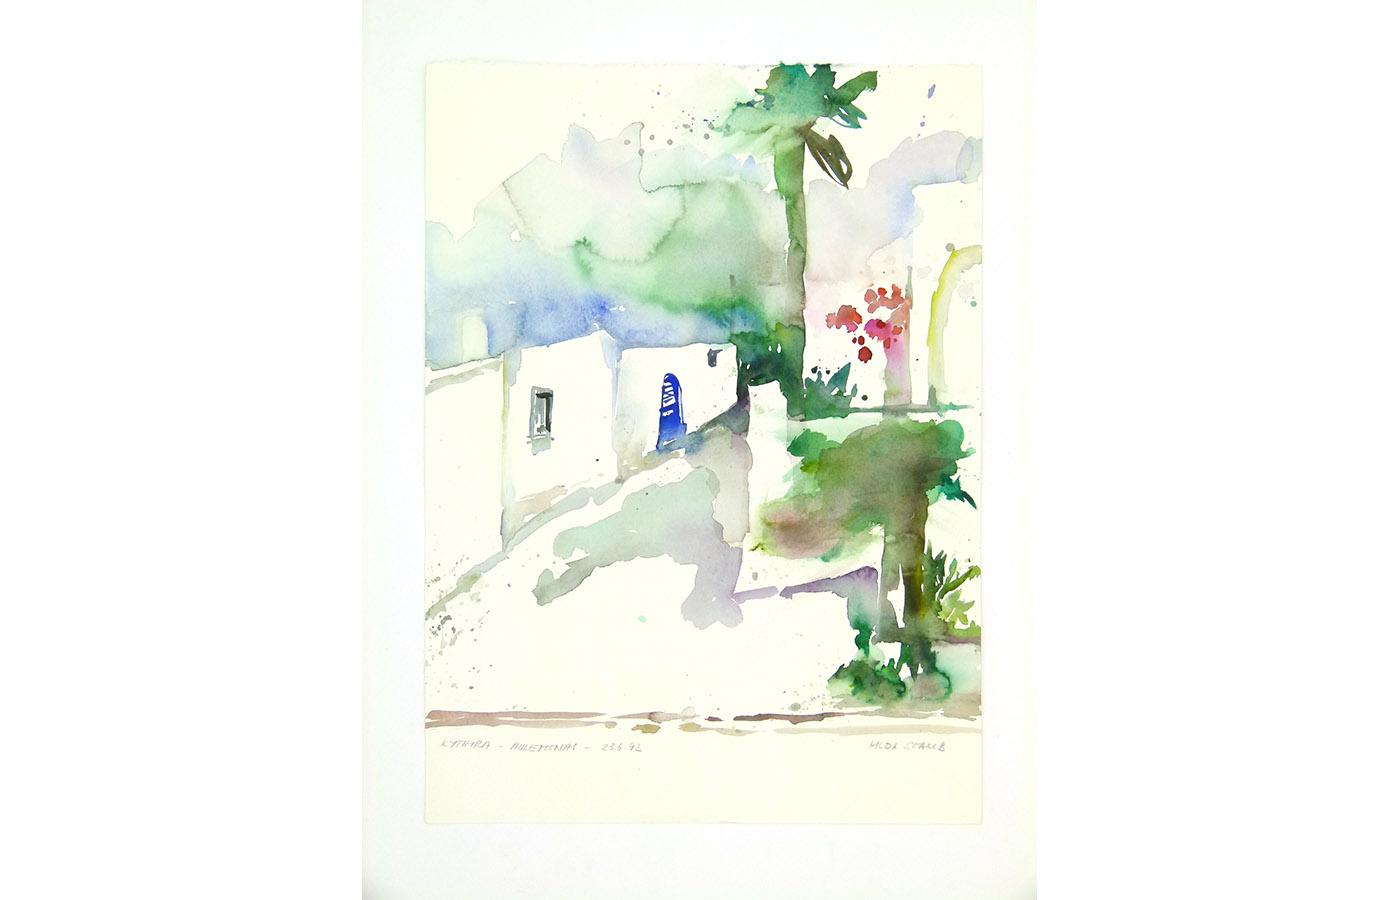 Landschaften und Reisebilder, Aquarell, 1991 bis 1993_0035_L1110038a